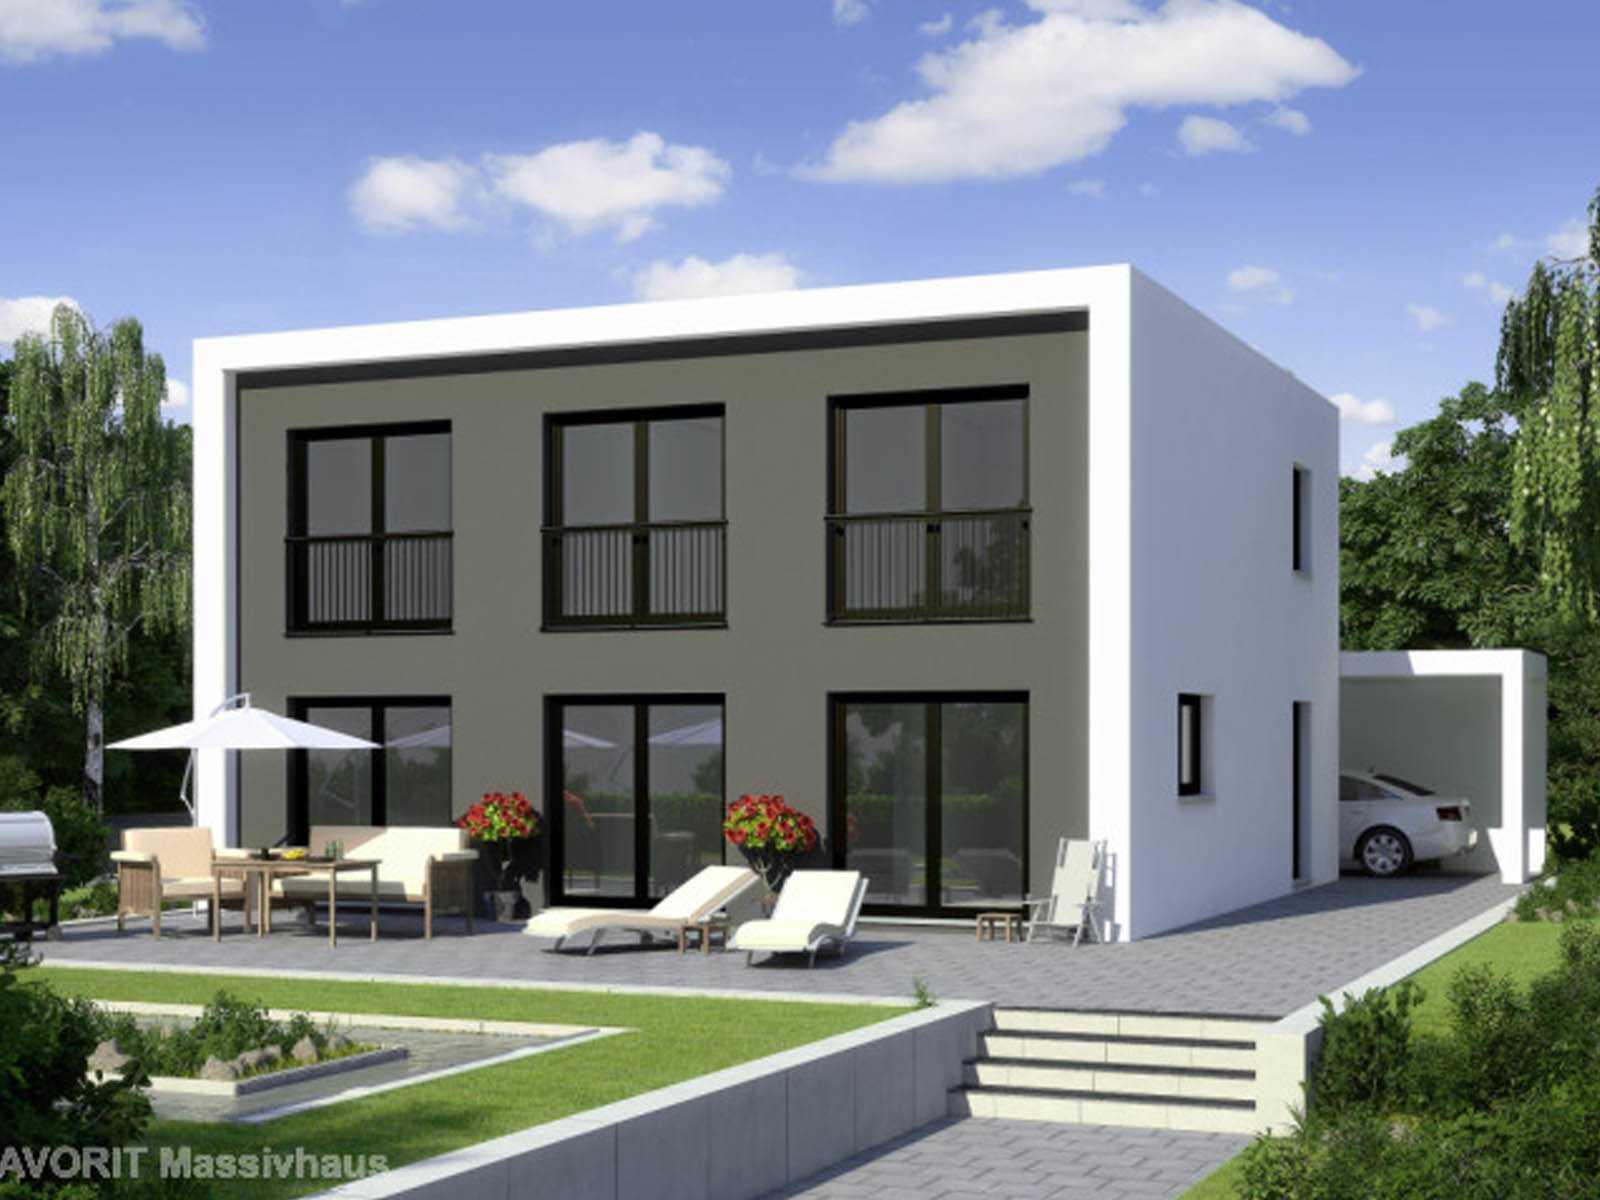 conceptdesign 148 favorit massivhaus. Black Bedroom Furniture Sets. Home Design Ideas